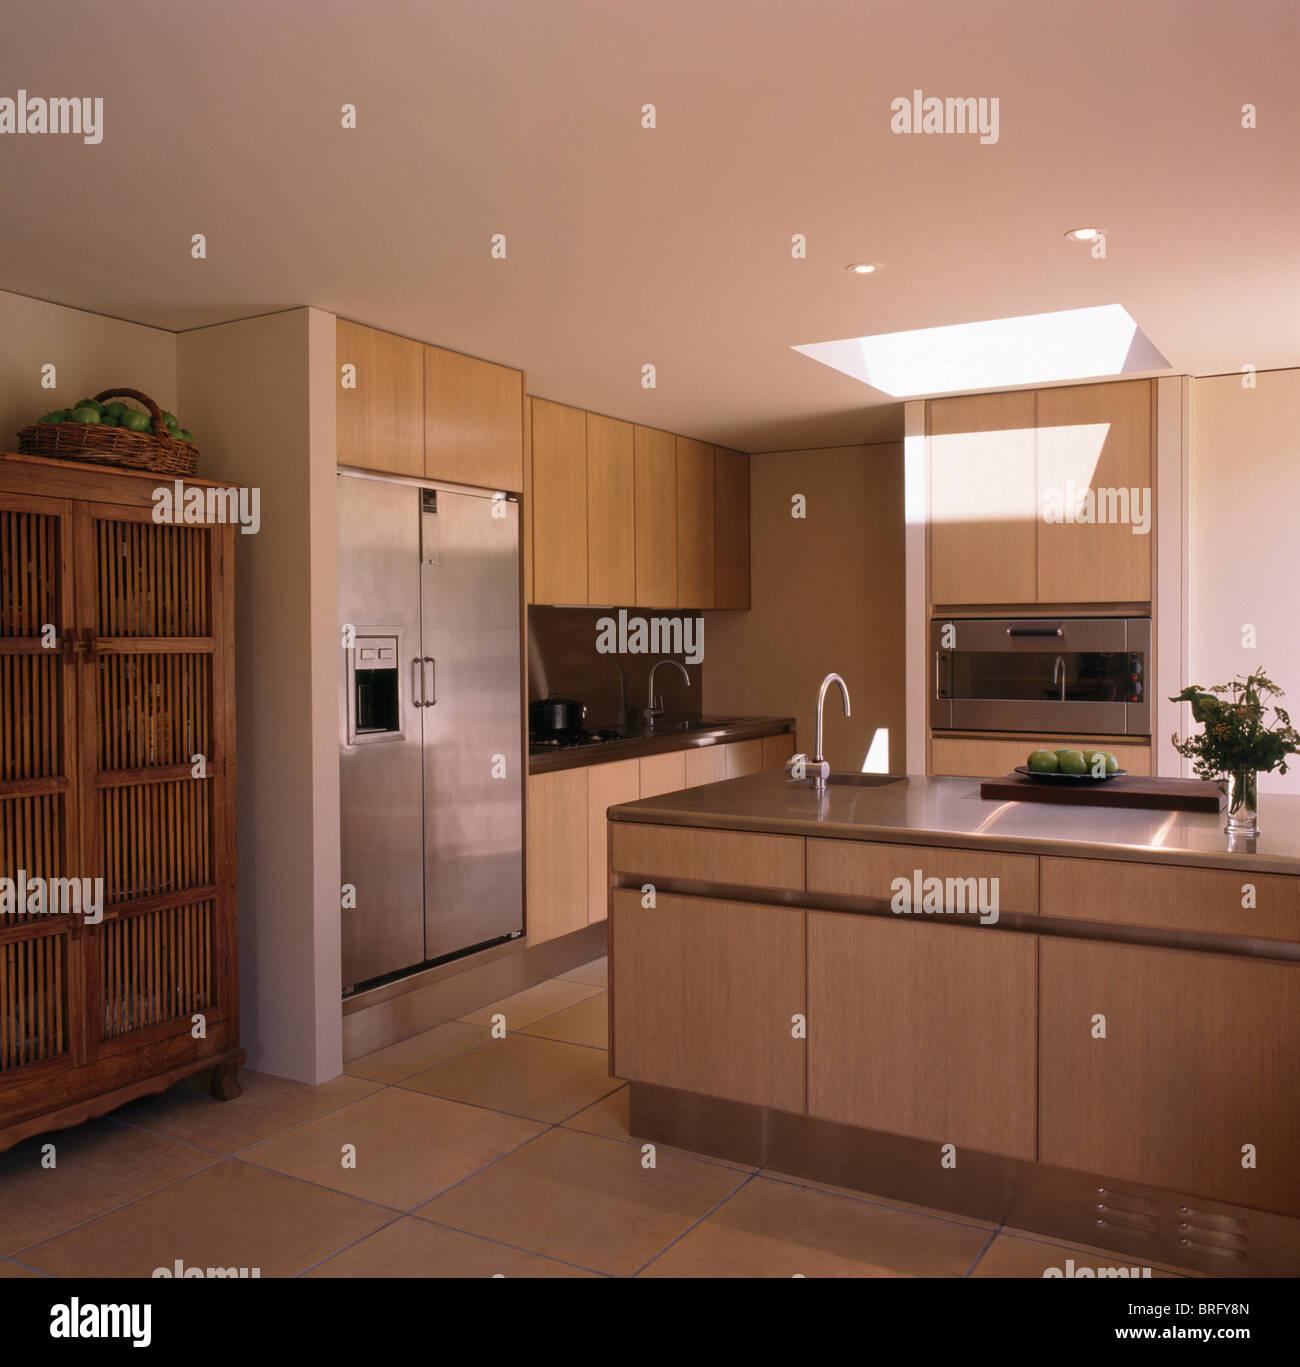 Große Edelstahl Amerikanische Kühlschrank In Modernen Neutral Küche Mit  Edelstahl Arbeitsplatte Auf Insel Einheit